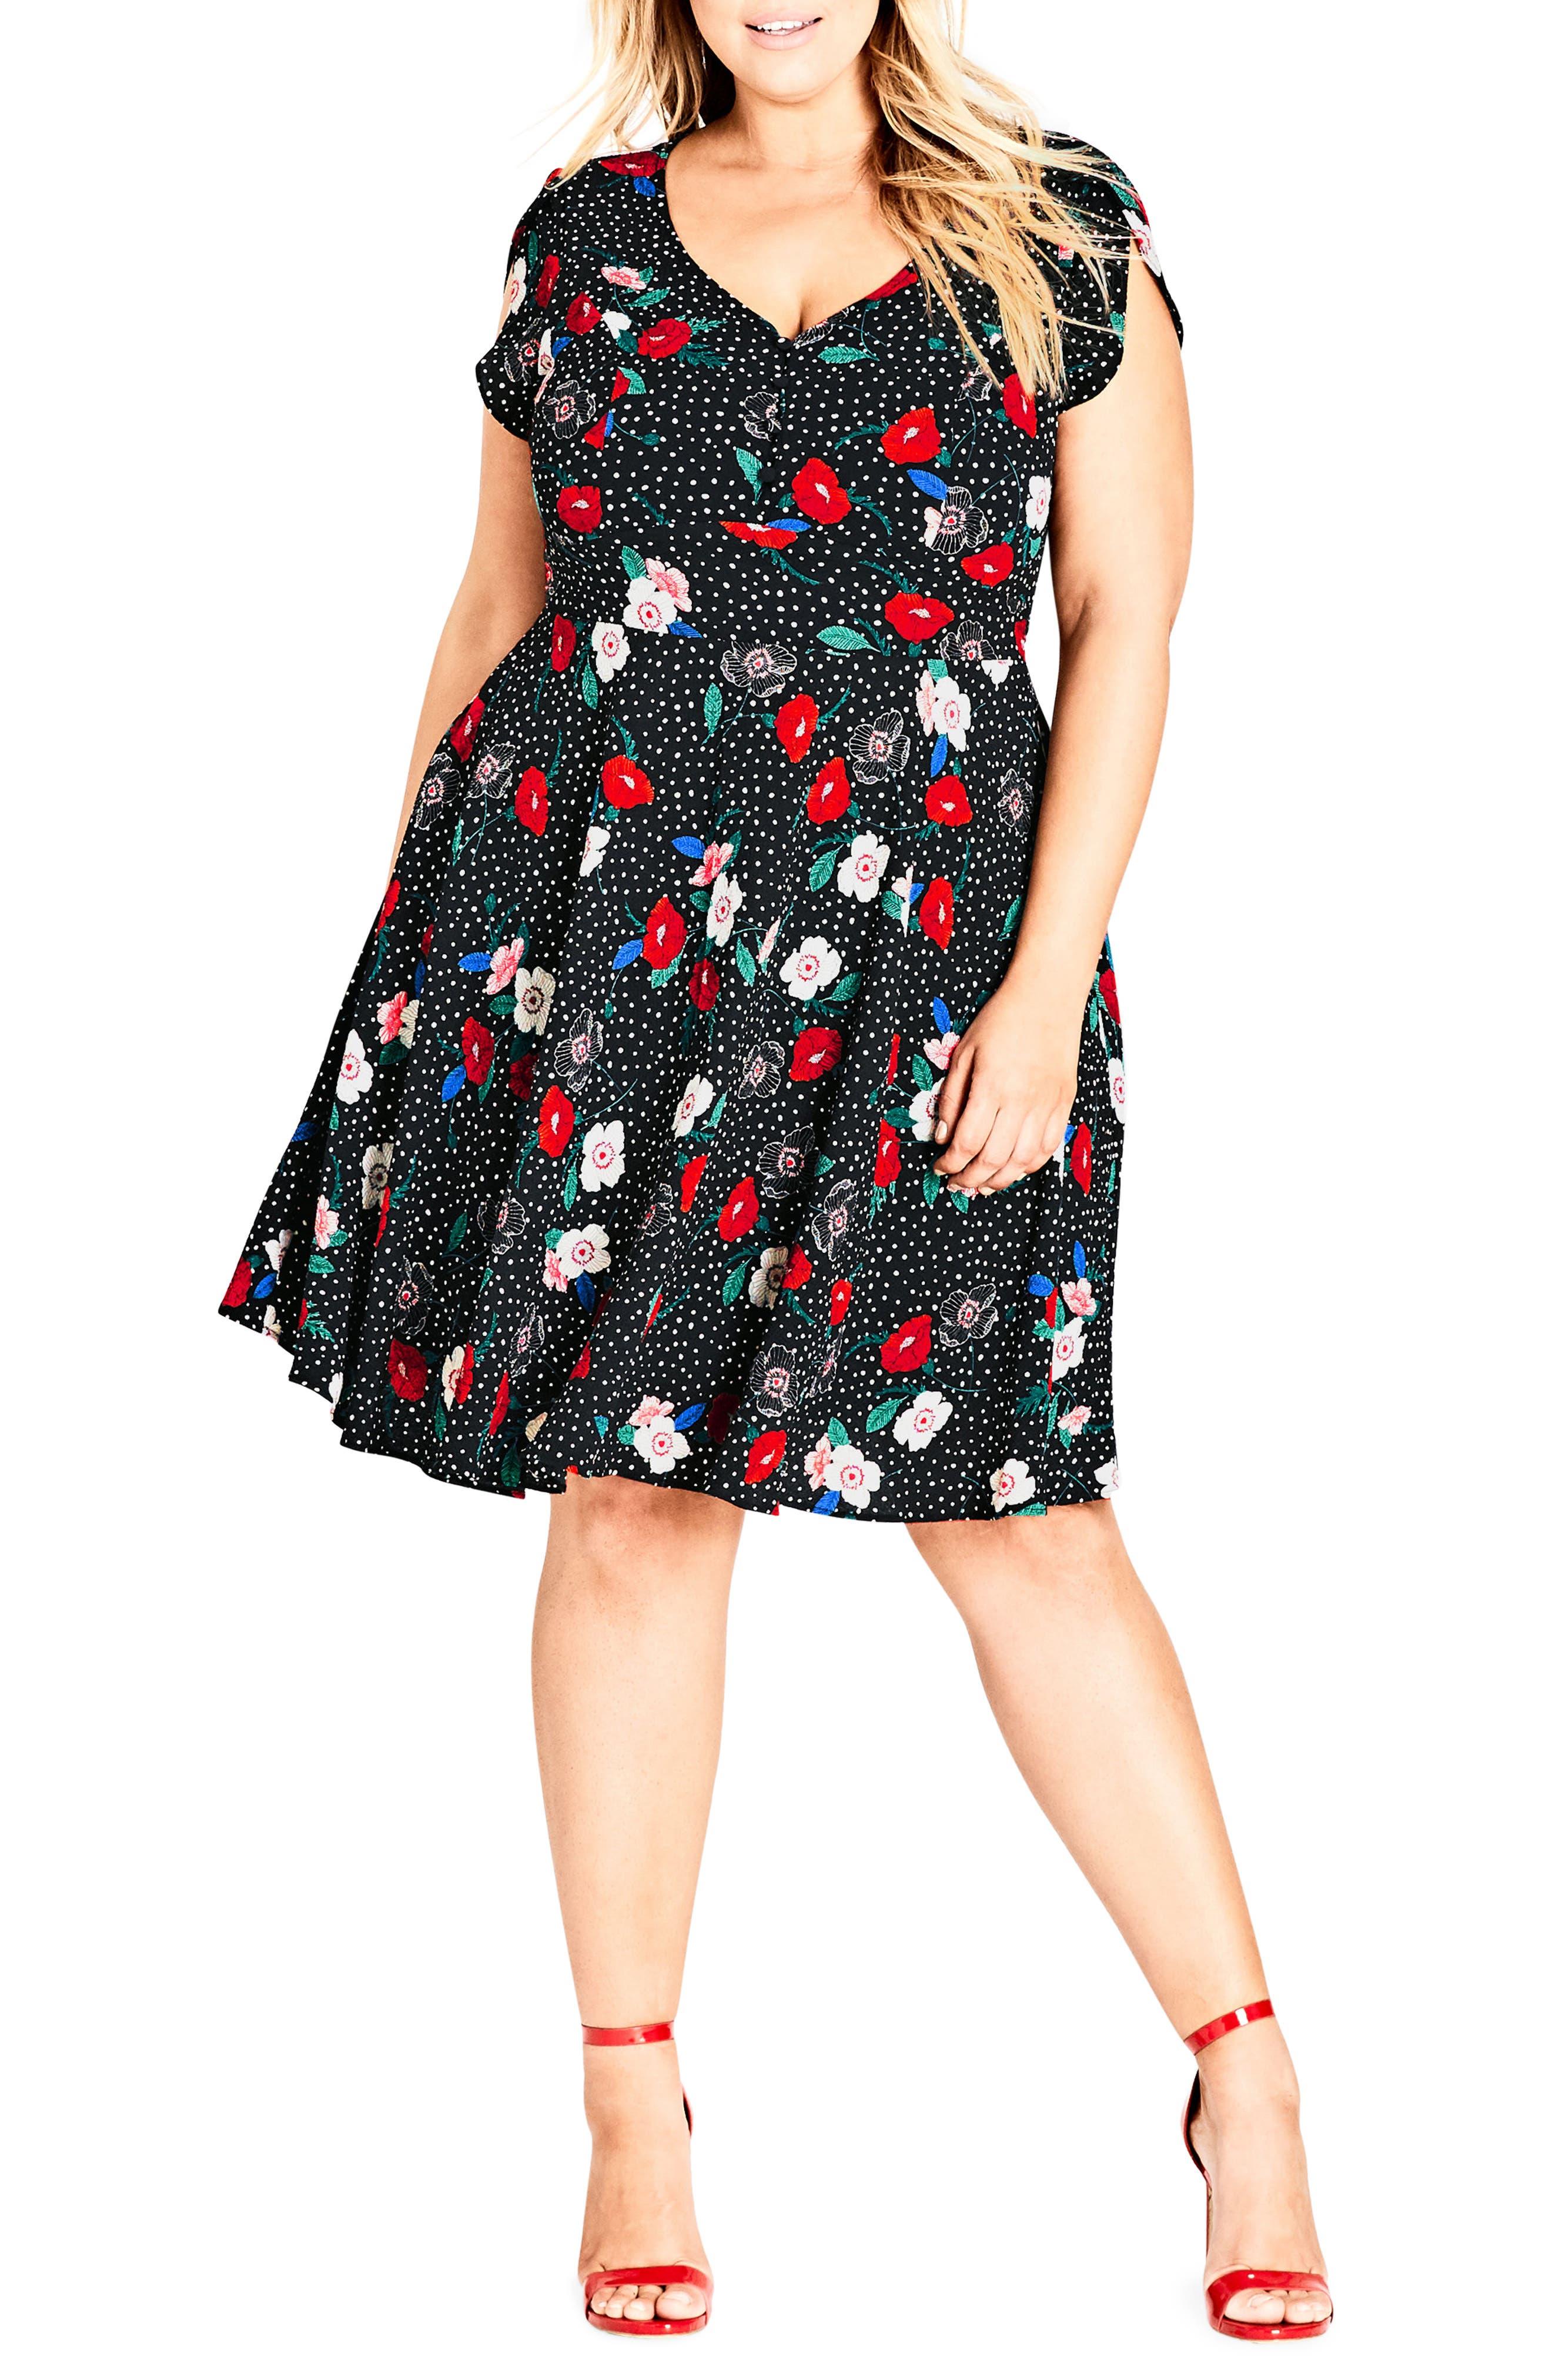 Floral Spot Dress,                             Main thumbnail 1, color,                             SPOT FLORAL